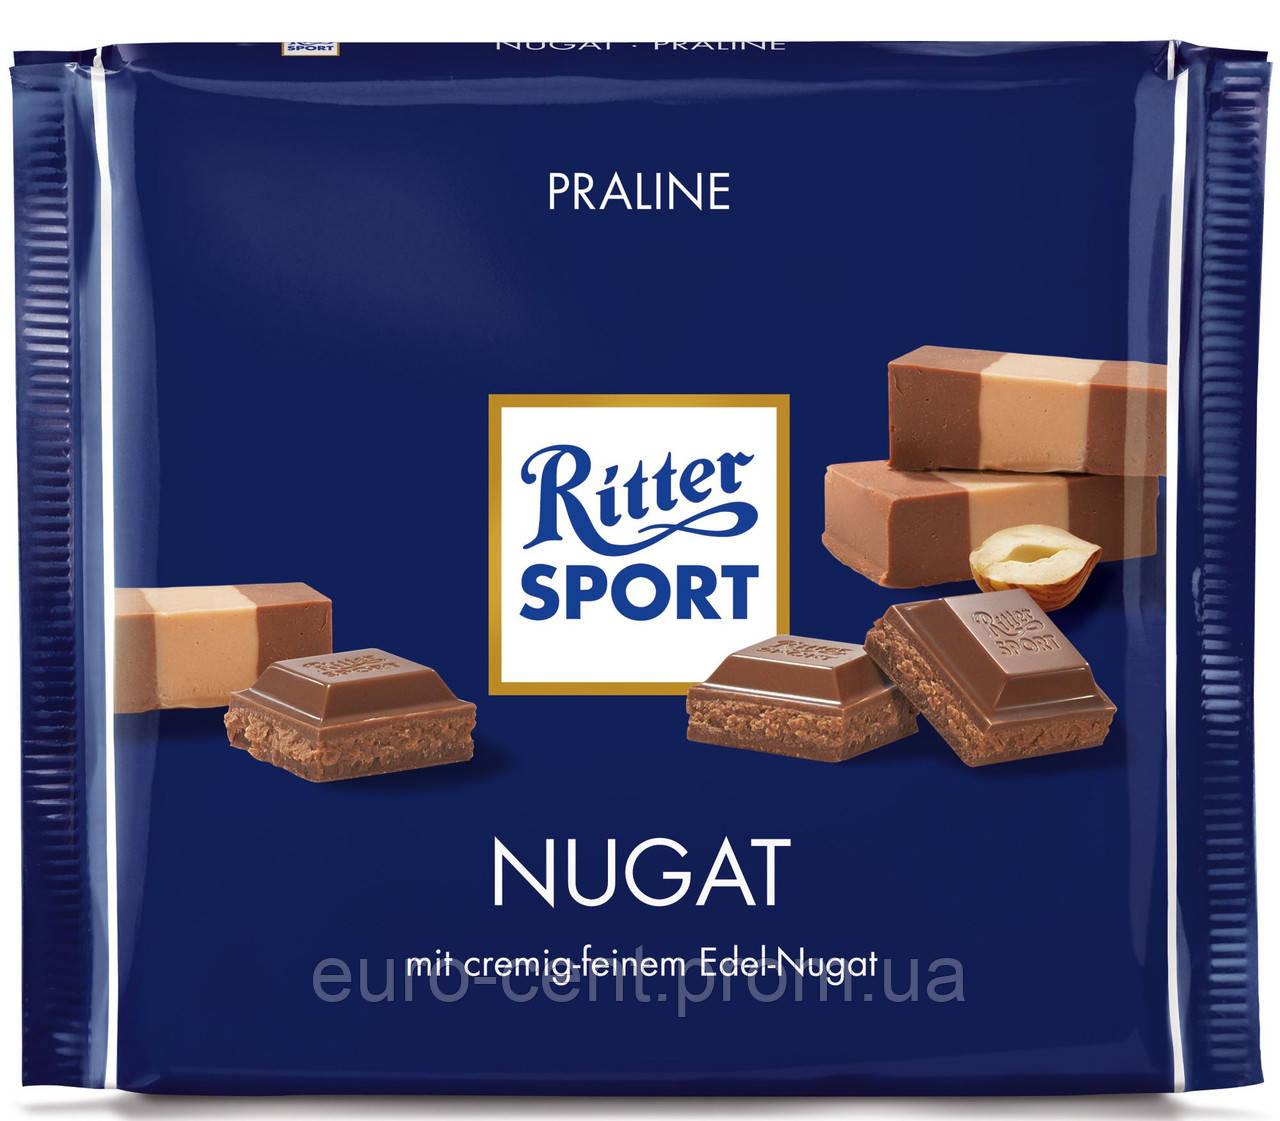 Шоколад Ritter Sport Nugat 250g